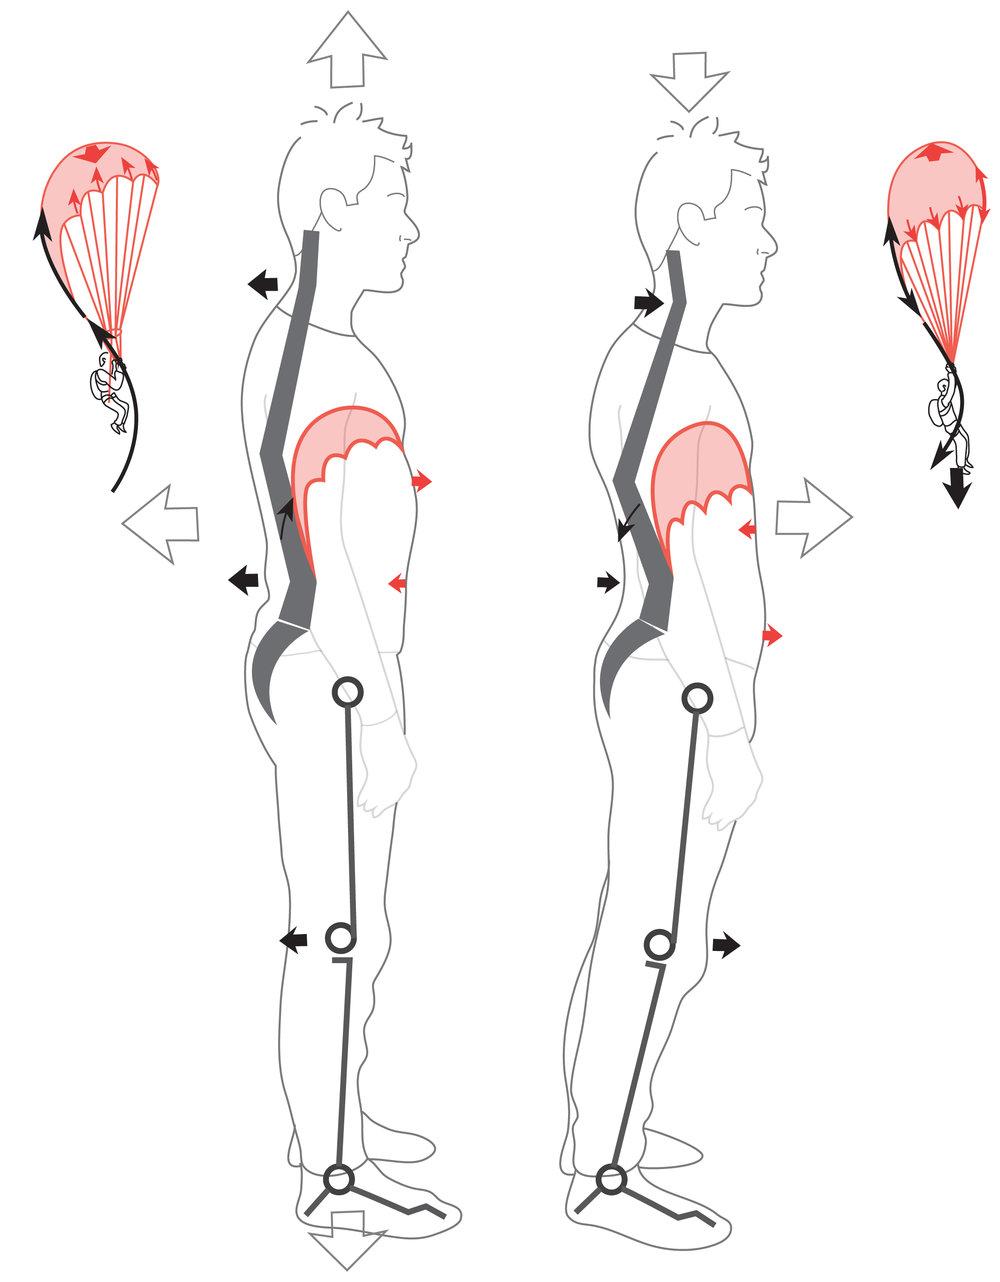 Mécanique de la respiration selon Philippe Campignion, basée sur la méthode G.D.S.